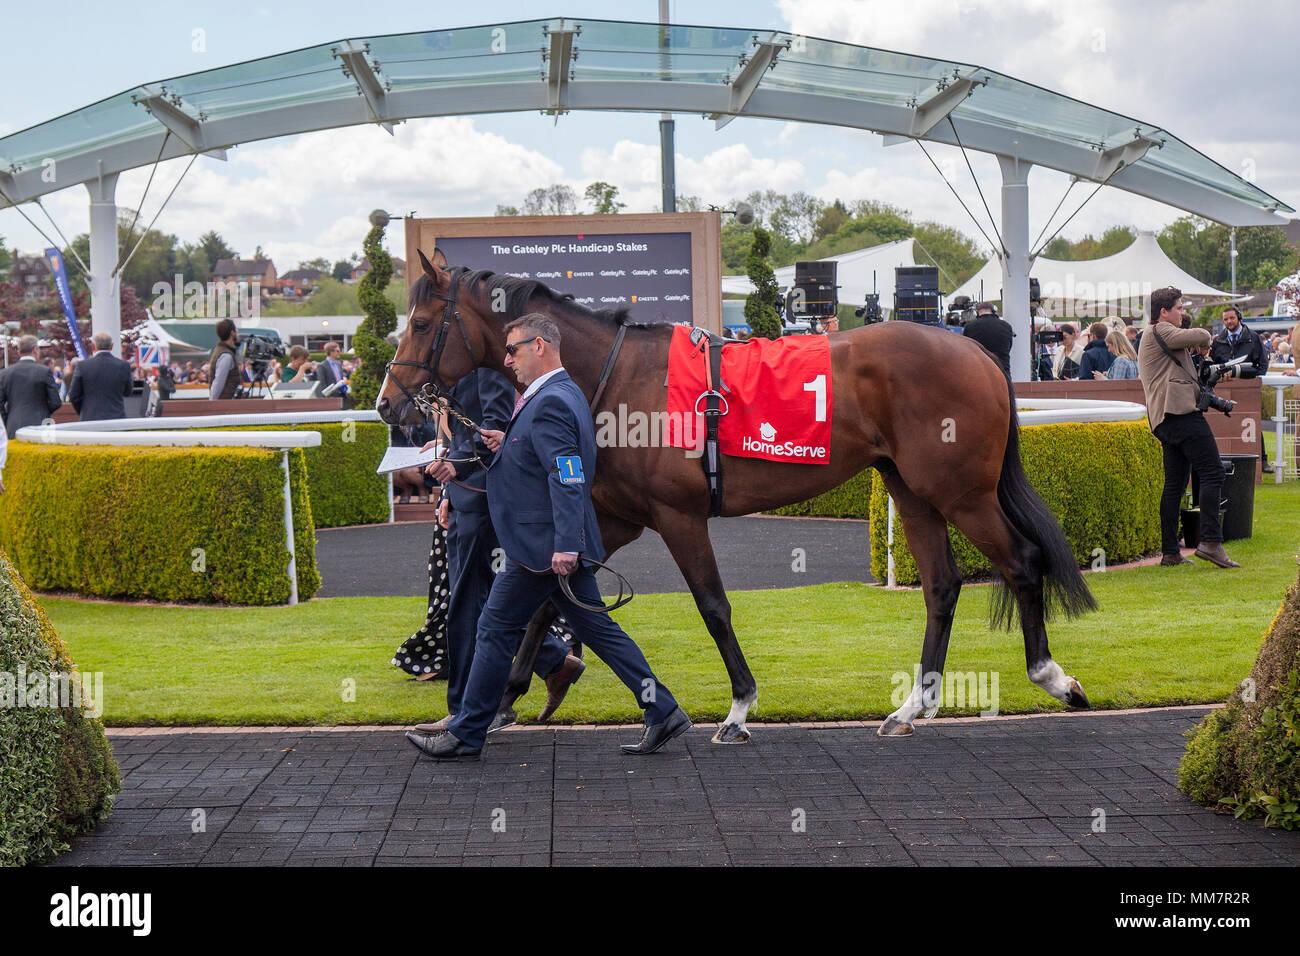 Racing Calendar May : Chester races horse stock photos